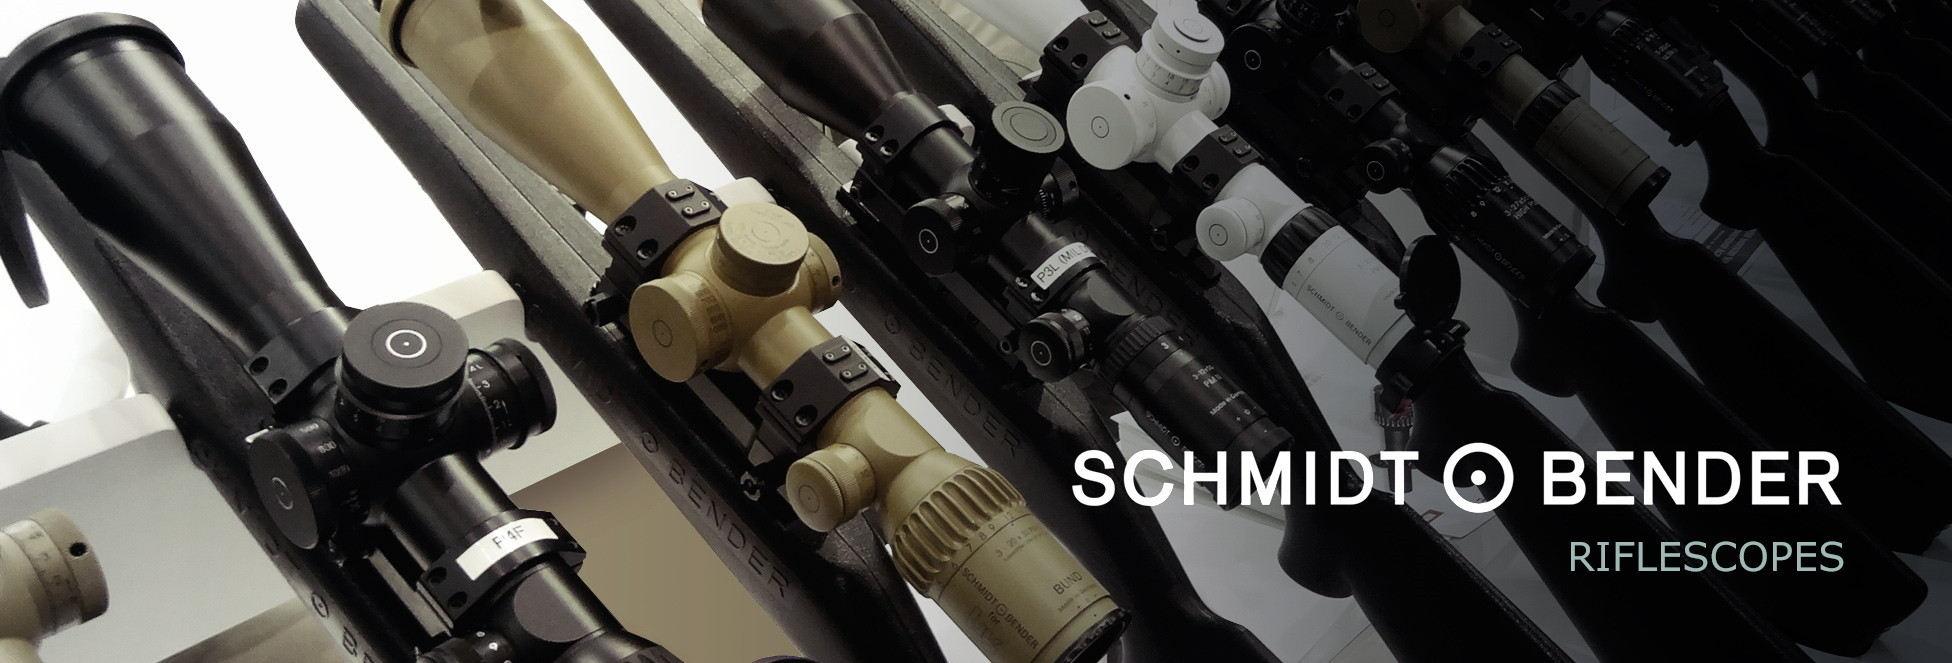 Schmidt & Bender Products